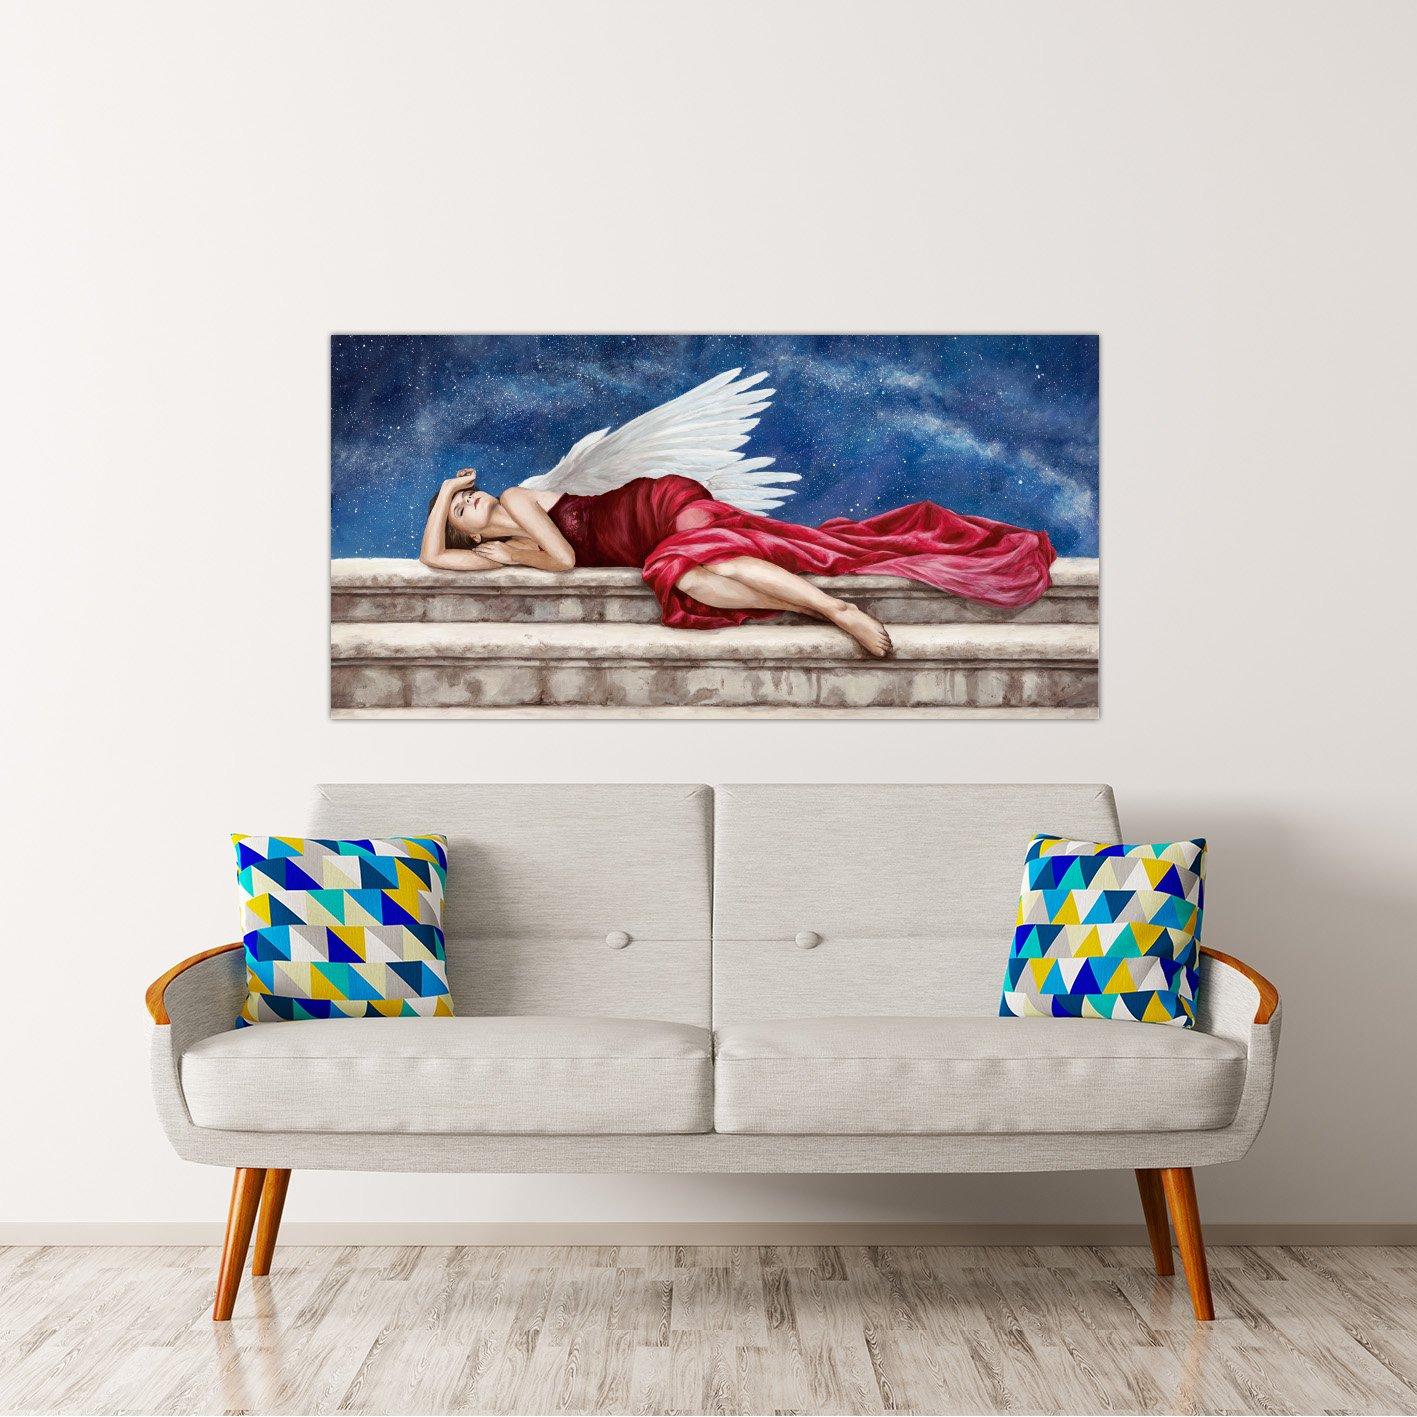 Rahmen Druck Druck Druck auf Leinwand mit Rahmen in Holz Sonya Duval Under A Starry Night 200x100 CM B07BNHQVTG | Moderne und elegante Mode  68d0b0